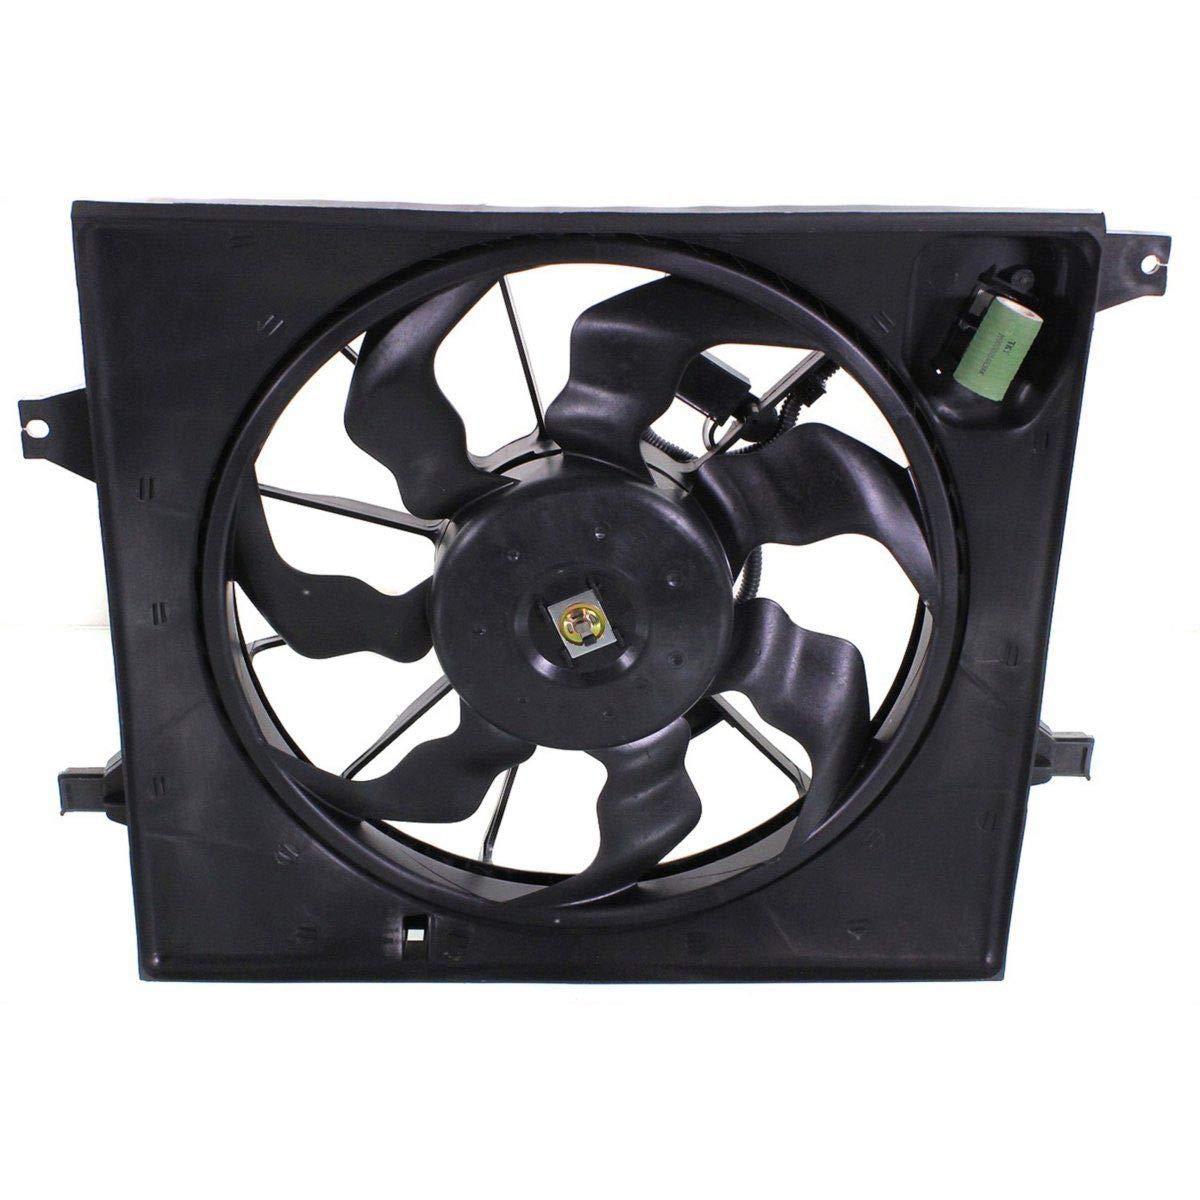 Radiator Cooling Fan For 2010-2011 Kia Soul 1.6L Engine Single Fan